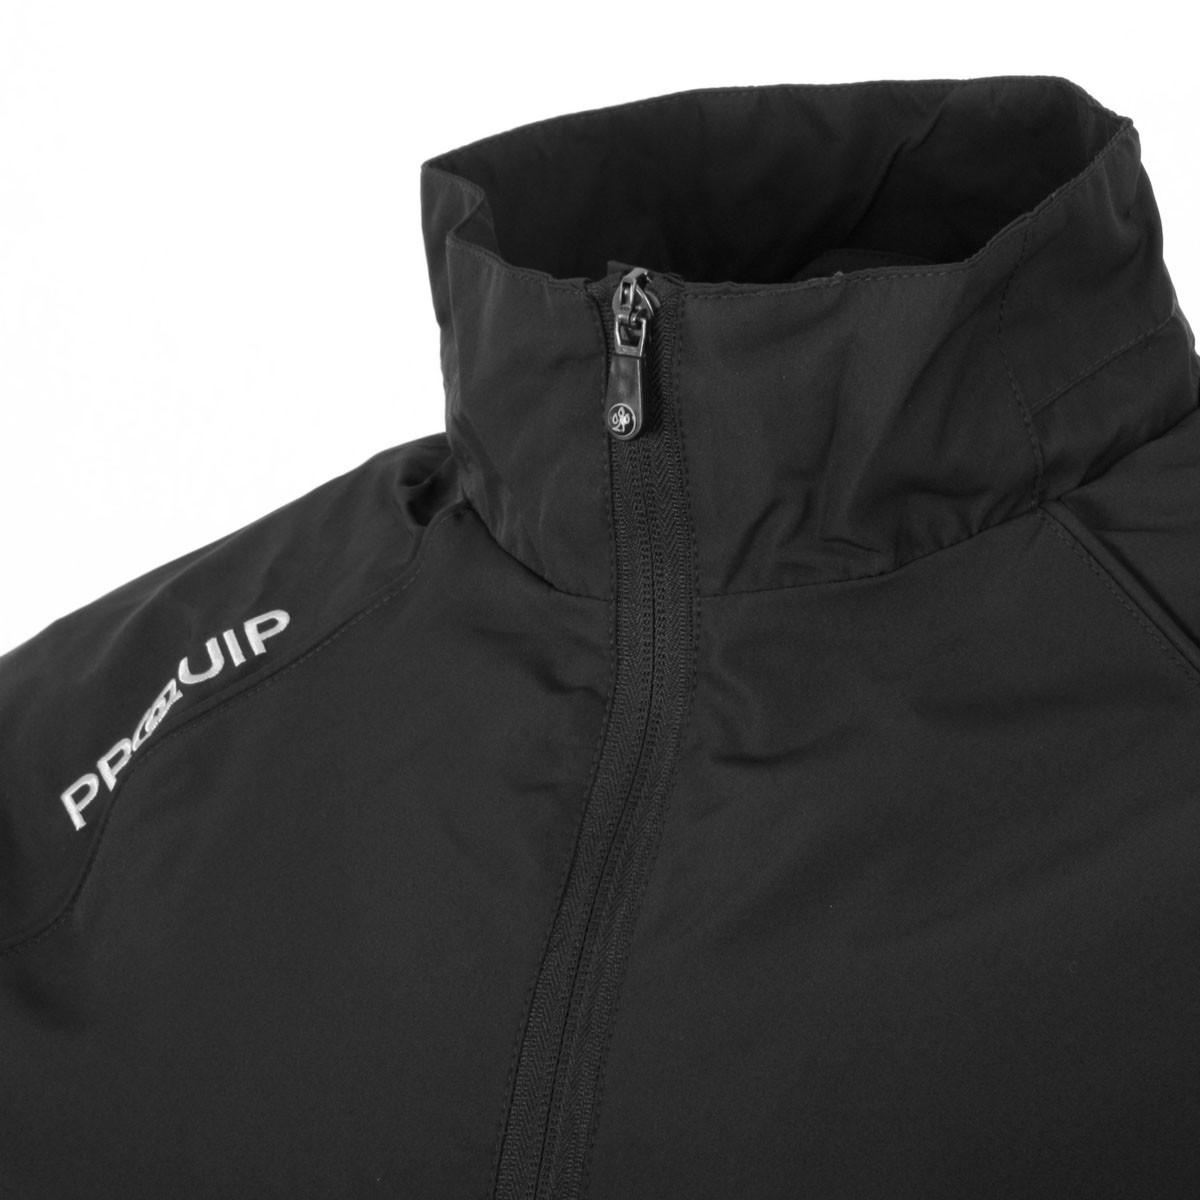 dcee4972ded ... Proquip Golf Mens Waterproof Ultralite Half Zip Wind Shirt.   Back. prev